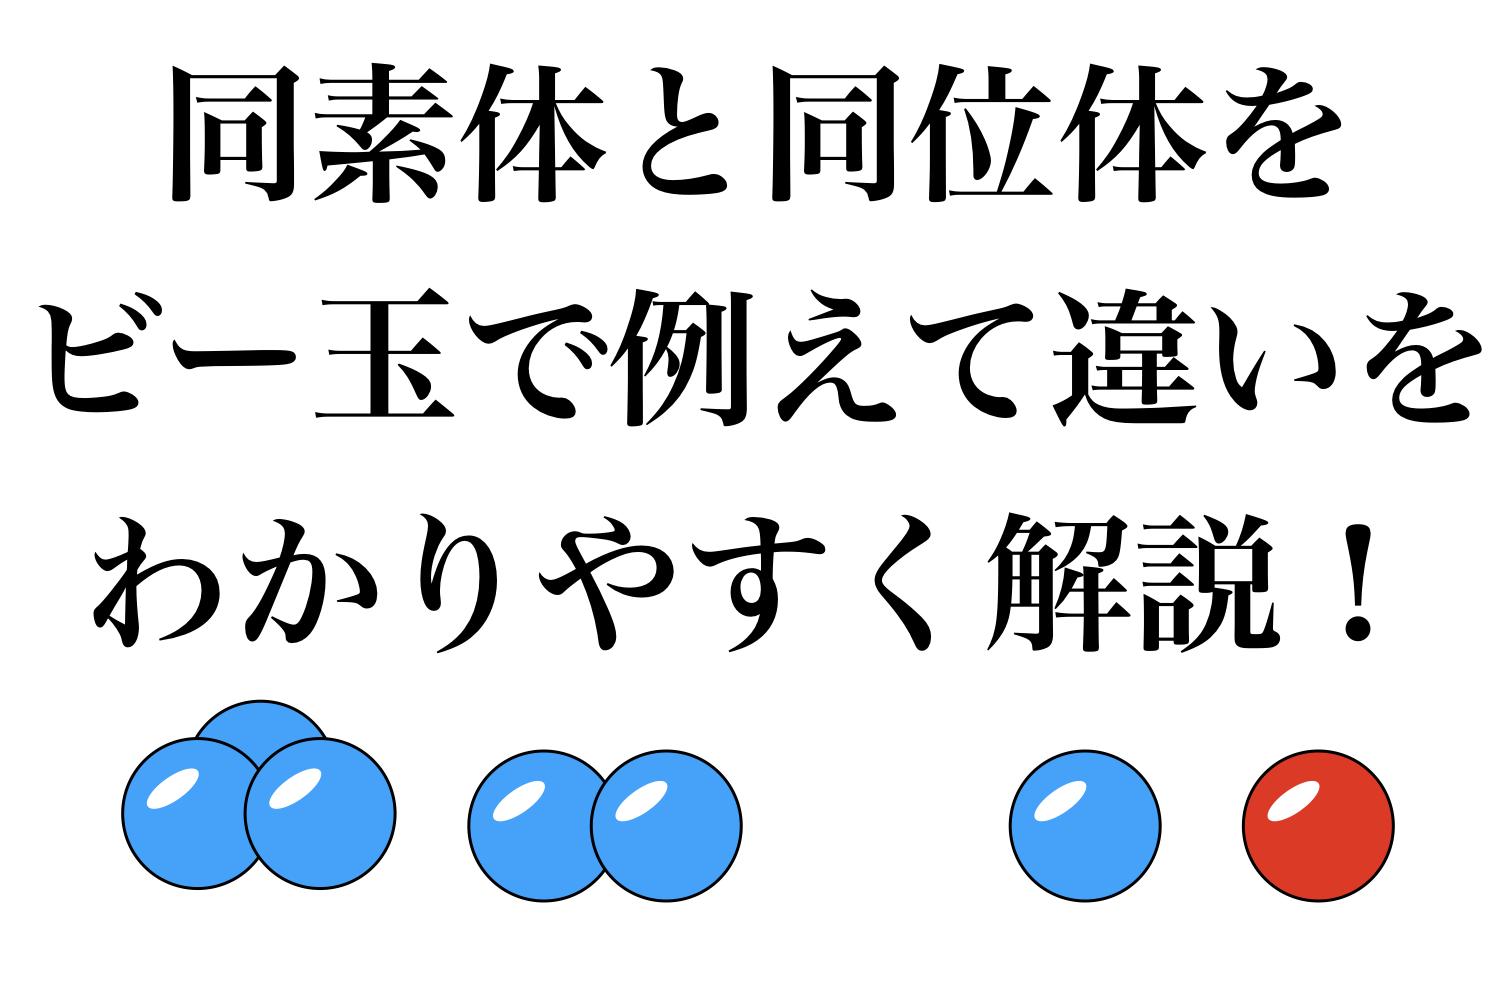 同素体と同位体をビー玉で違いを表してみた